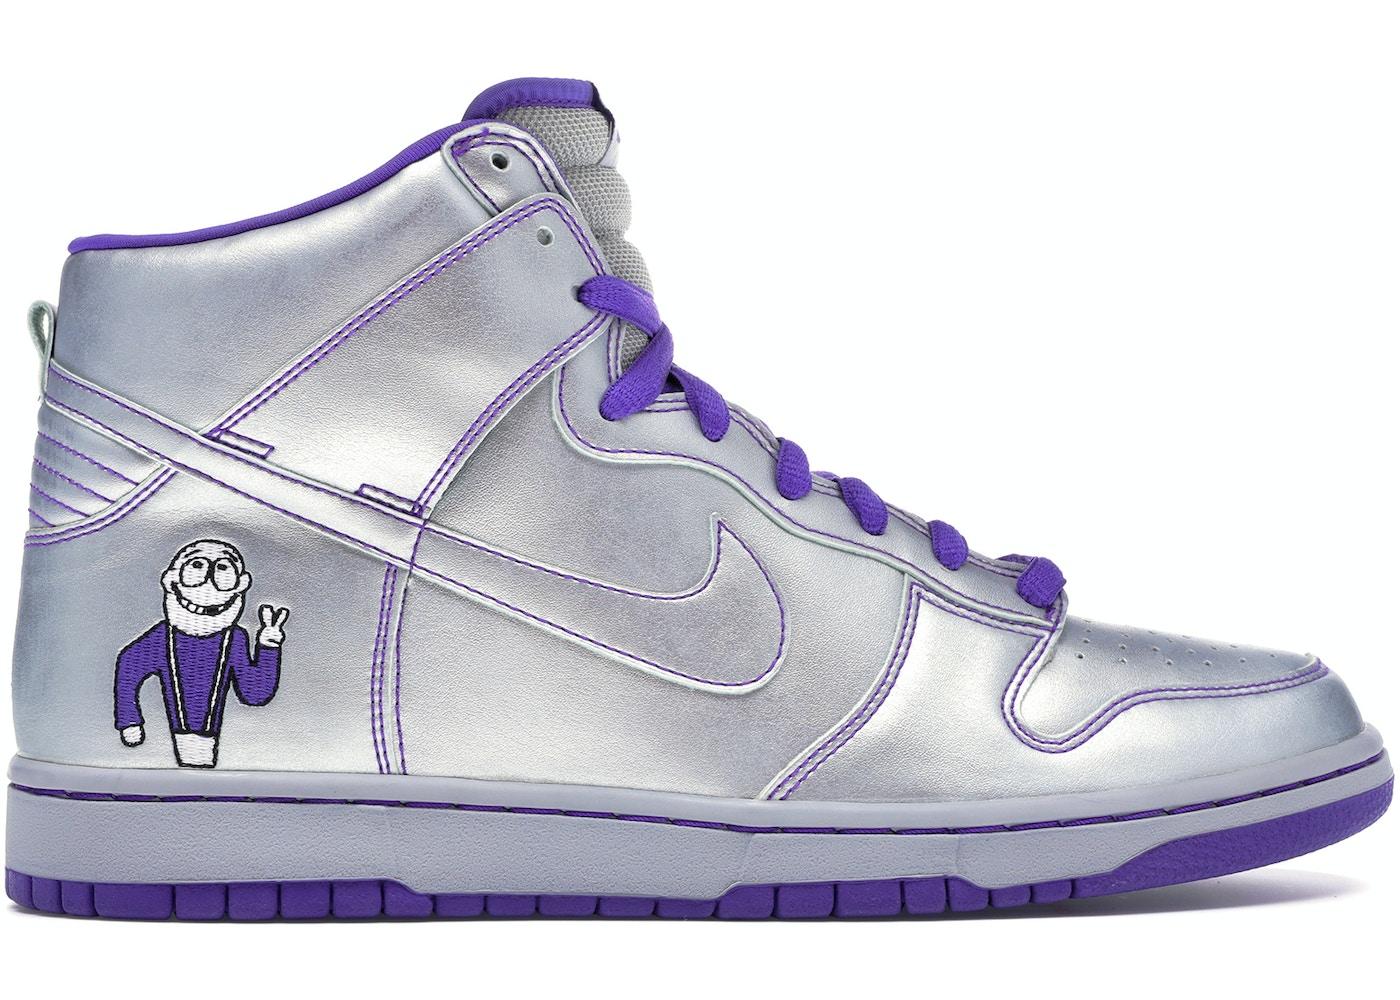 b1cbd7afdc Nike Dunk SB High Dinosaur Jr. - 313171-003